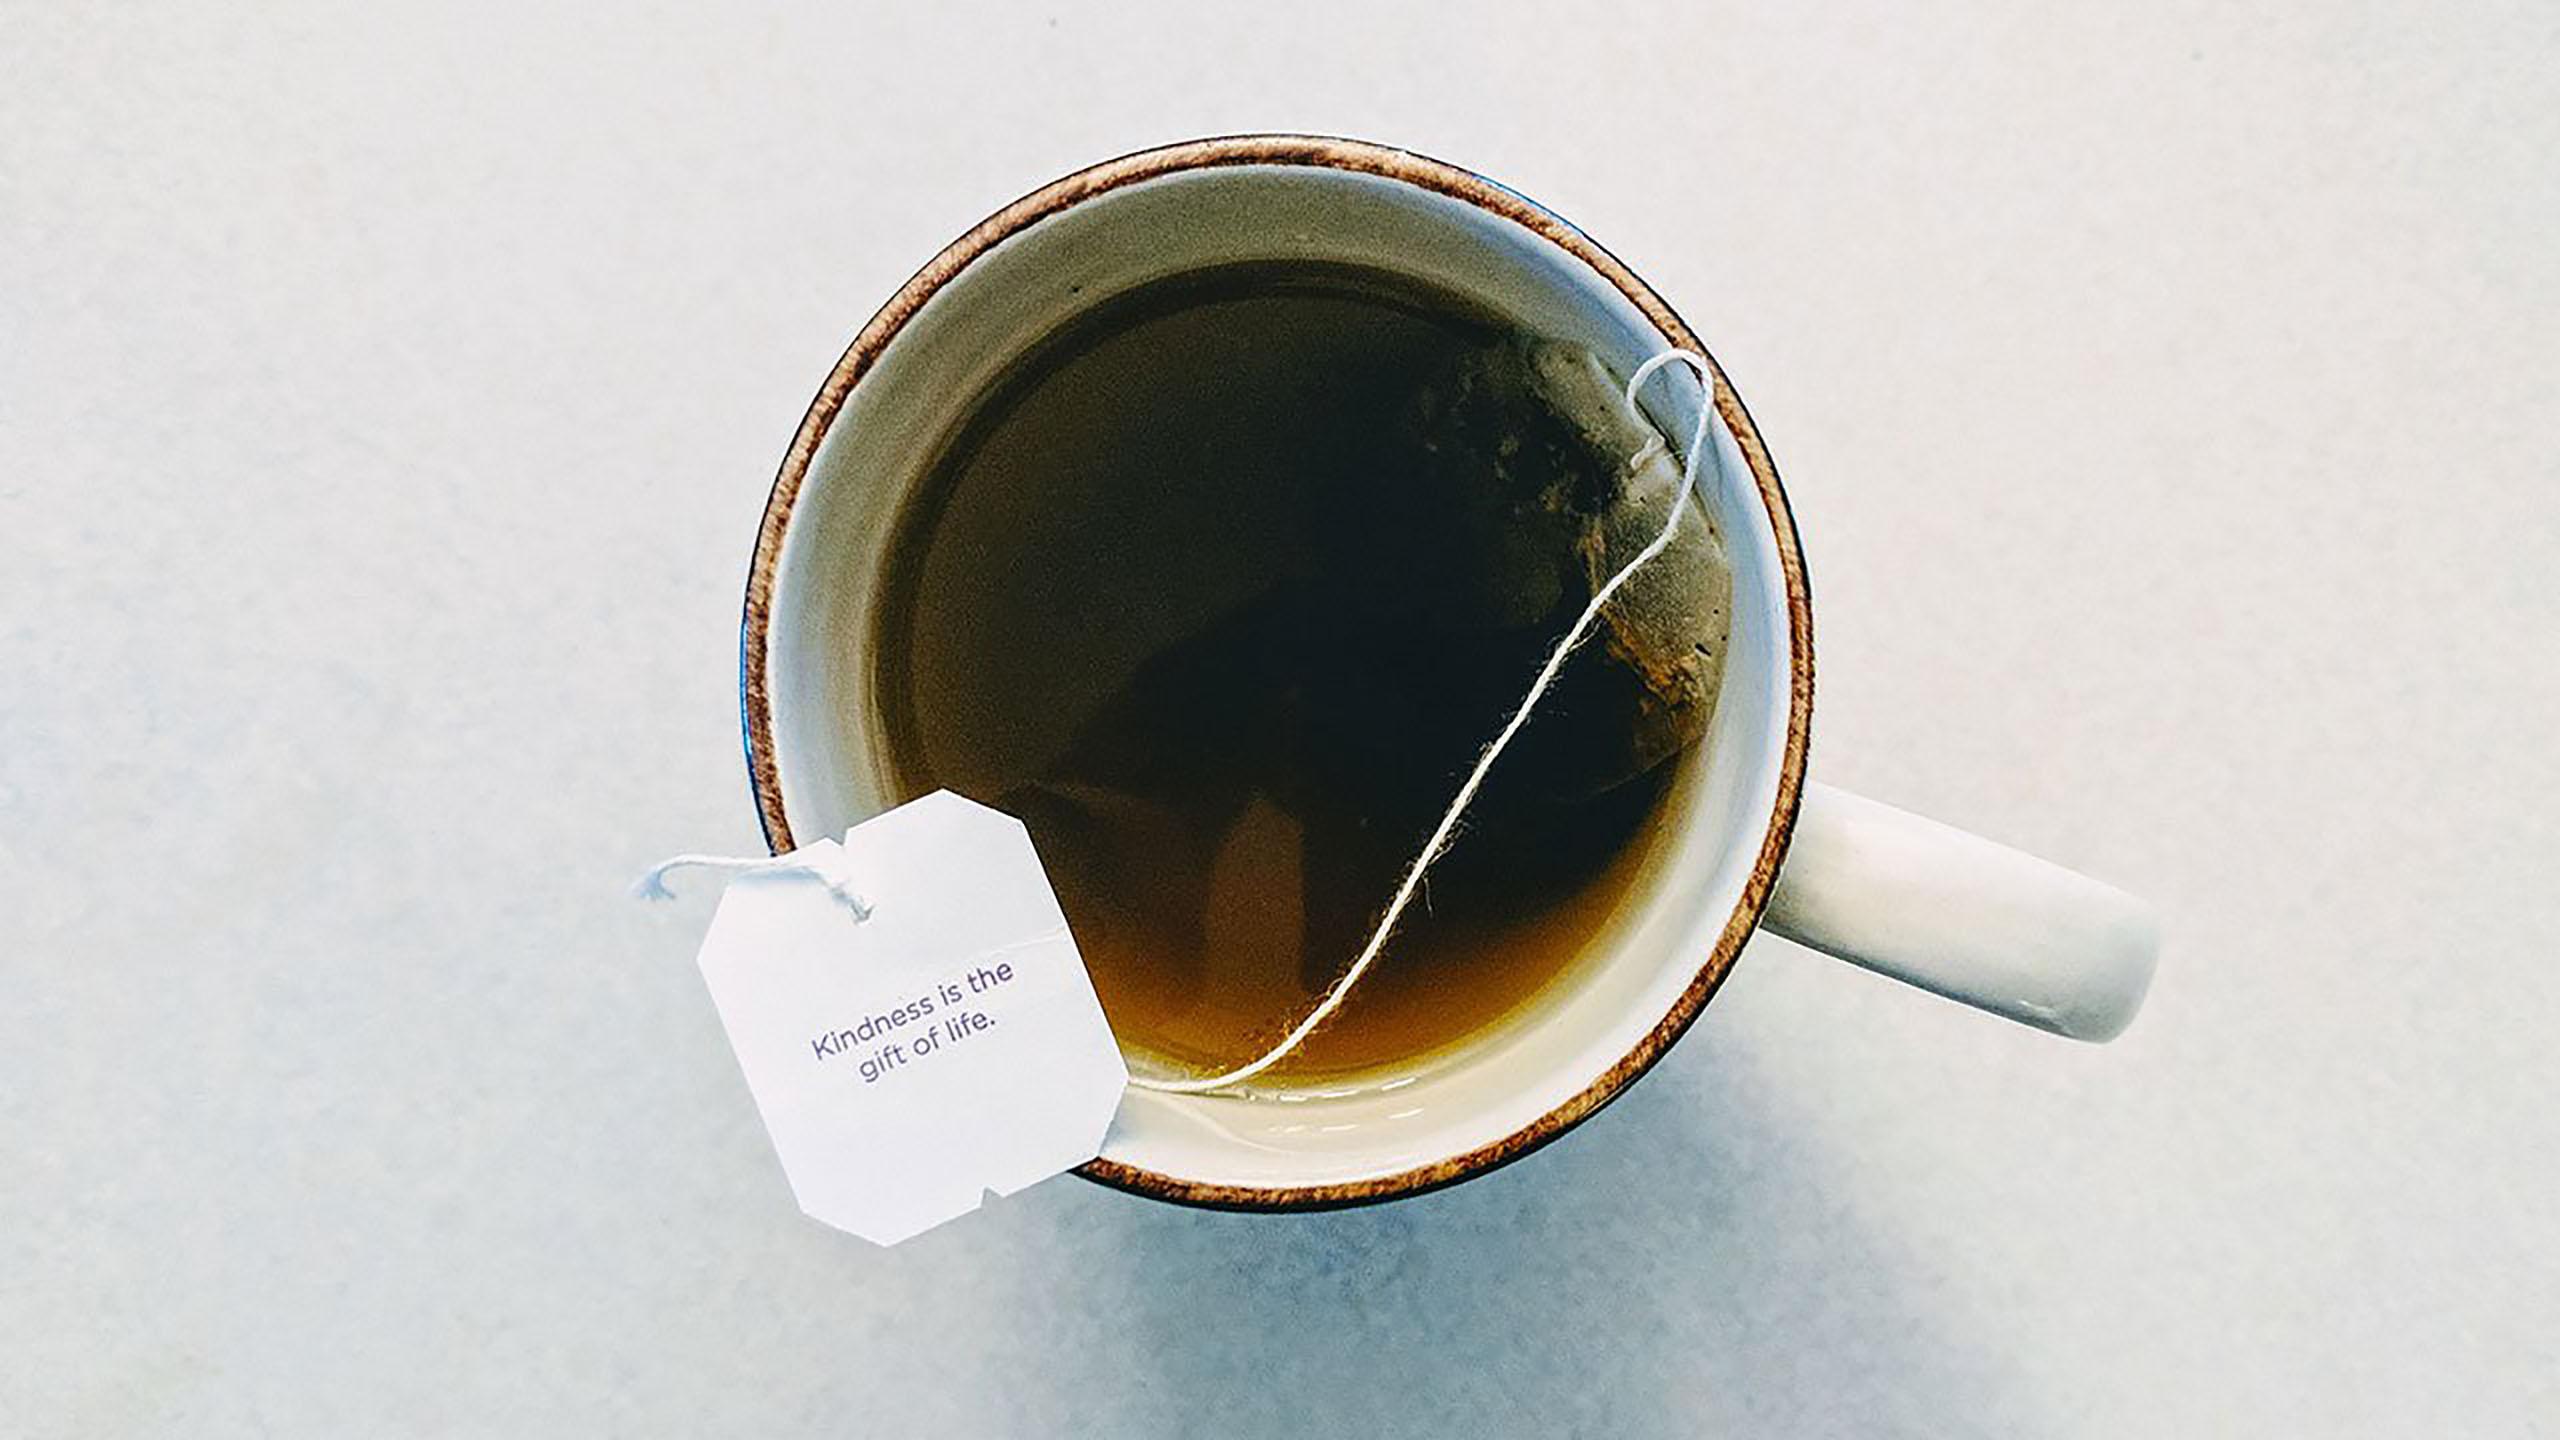 tés, bolsas de té, infusiones